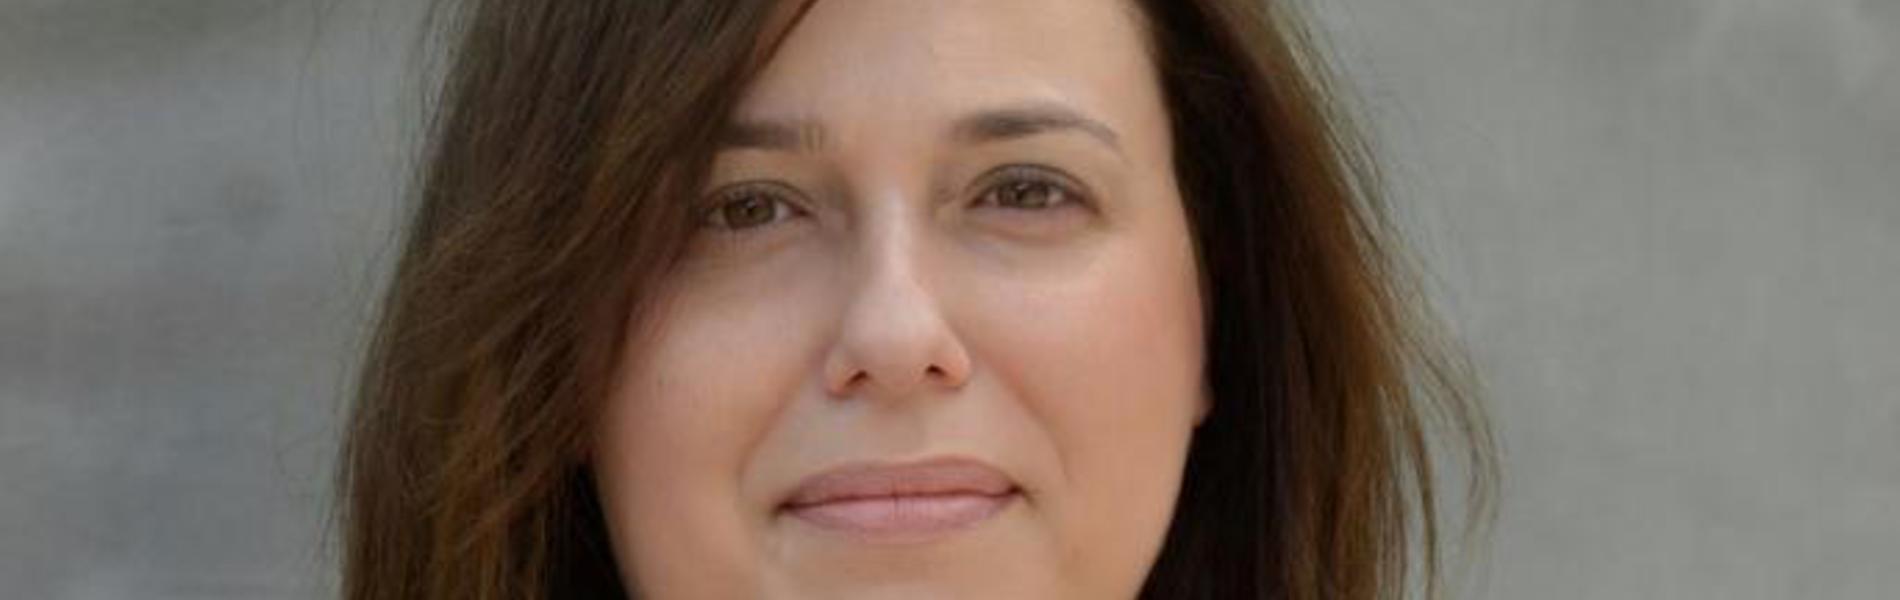 """עו""""ד לאה ופנר: 'נשים הן המרכז ודואגות לחוסן הנפשי והבריאותי של כל הסובבים אותן'"""